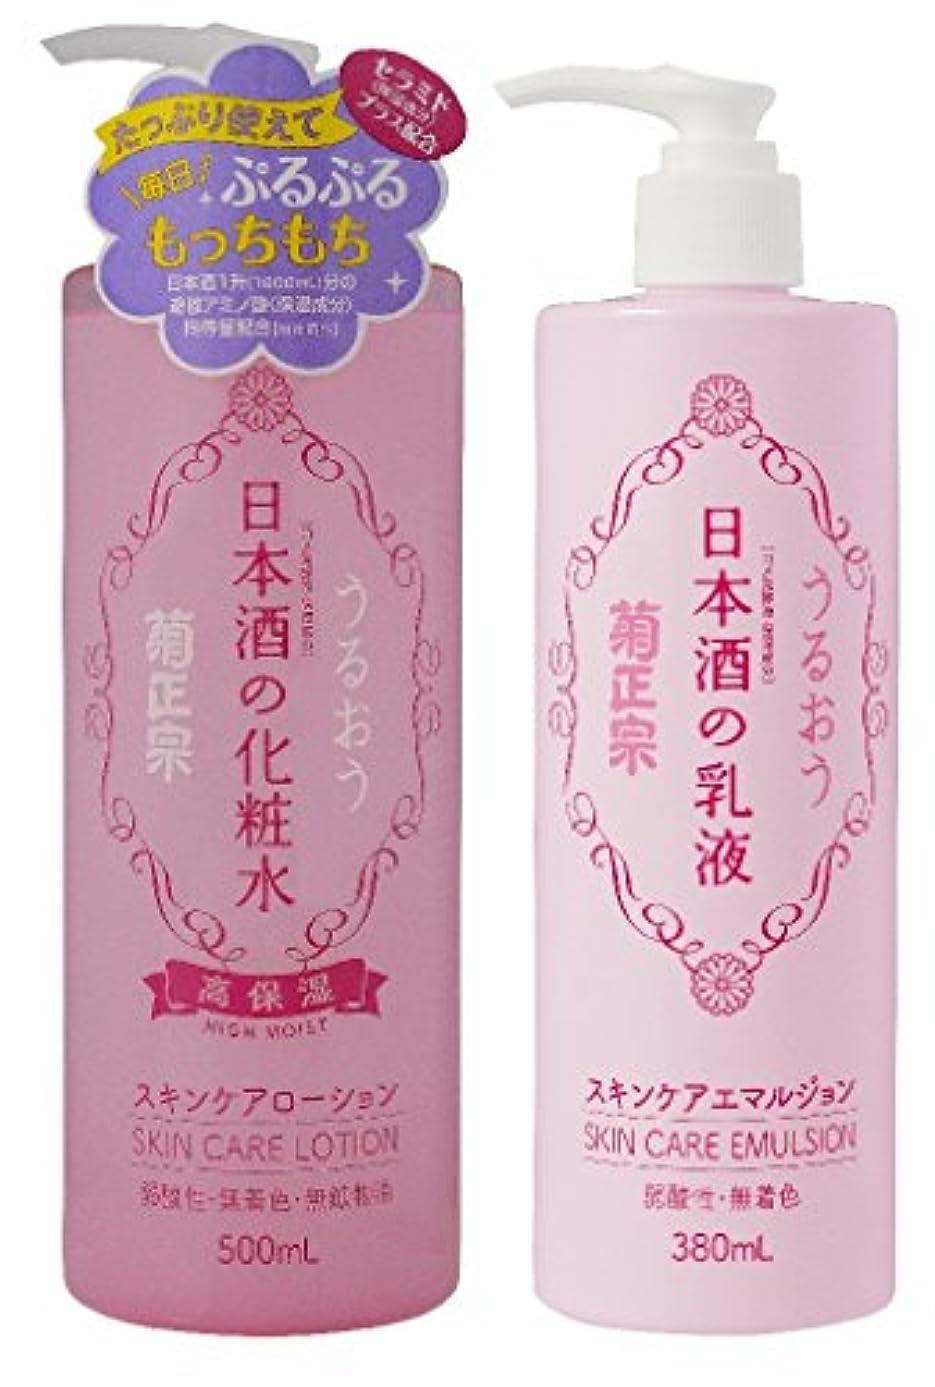 思想クランシー発信菊正宗 日本酒の化粧水(高保湿タイプ)500ml+乳液380mlセット